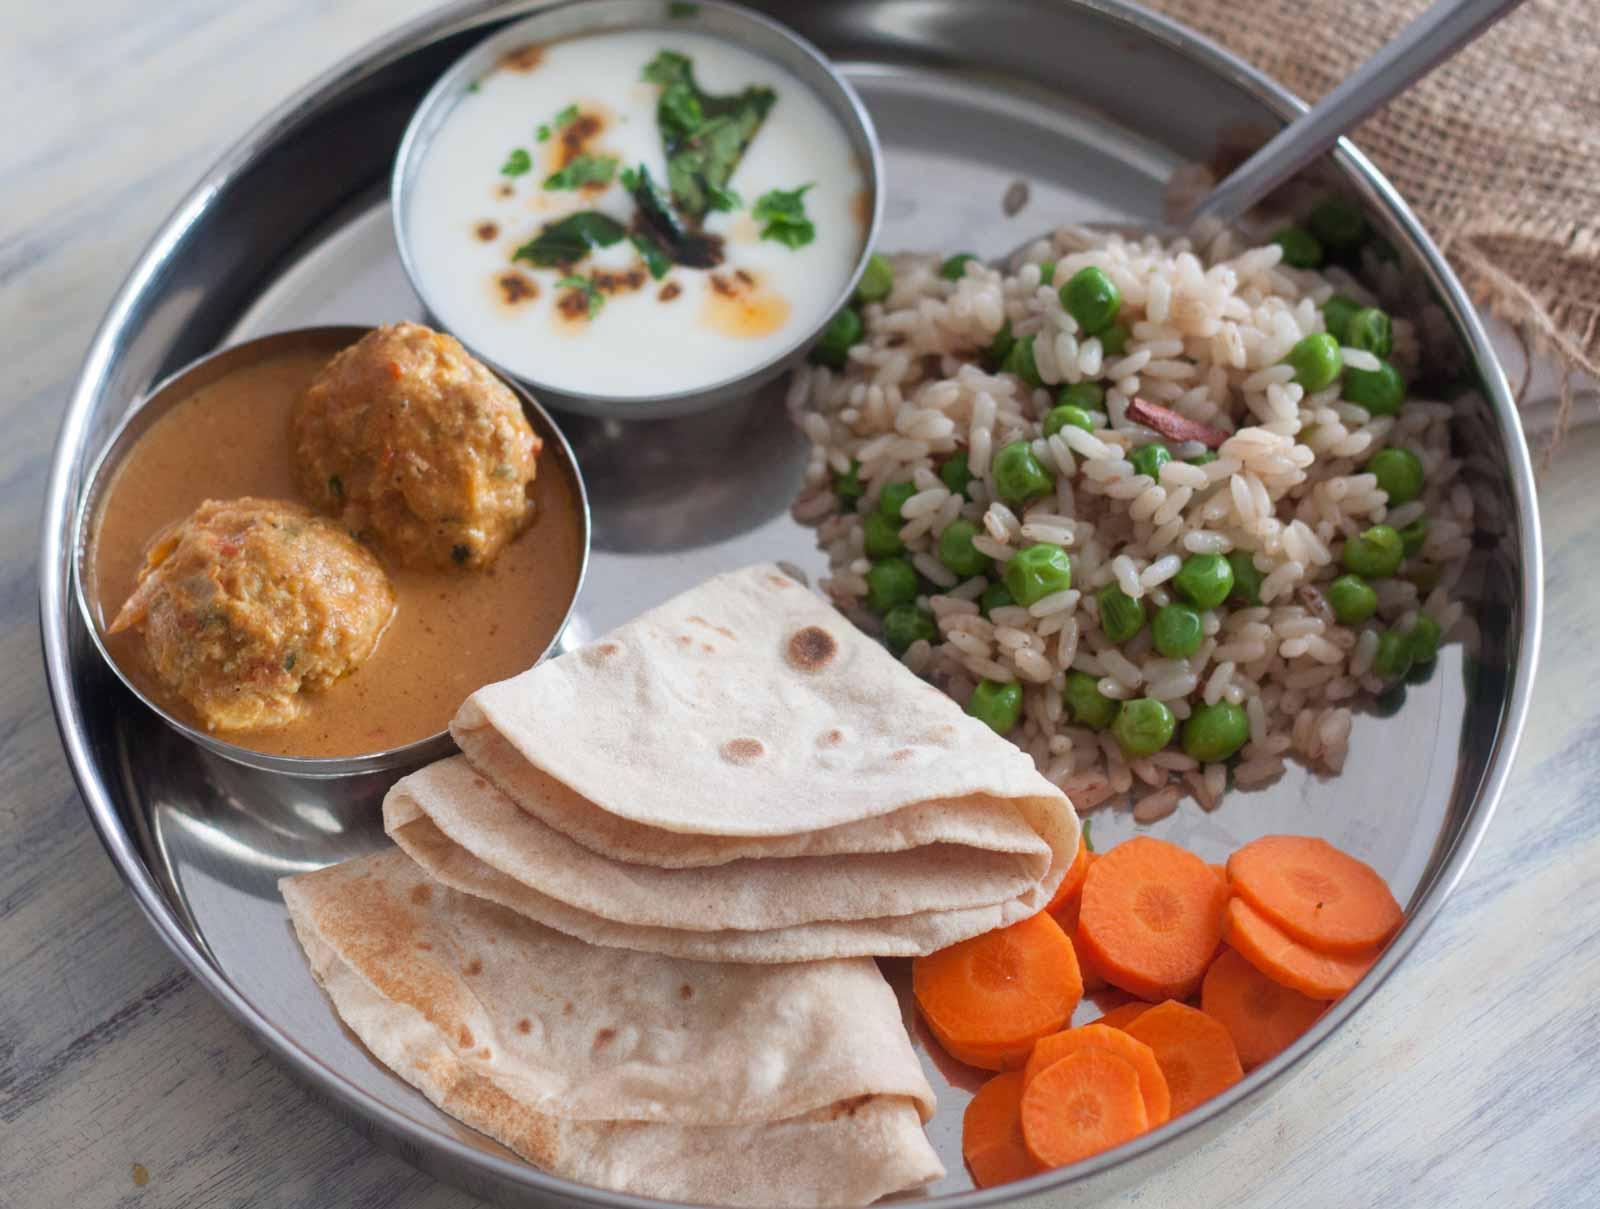 Non Veg Meal Plate Chicken Kofta CurryPeas PulaoTadka Raita Phulka